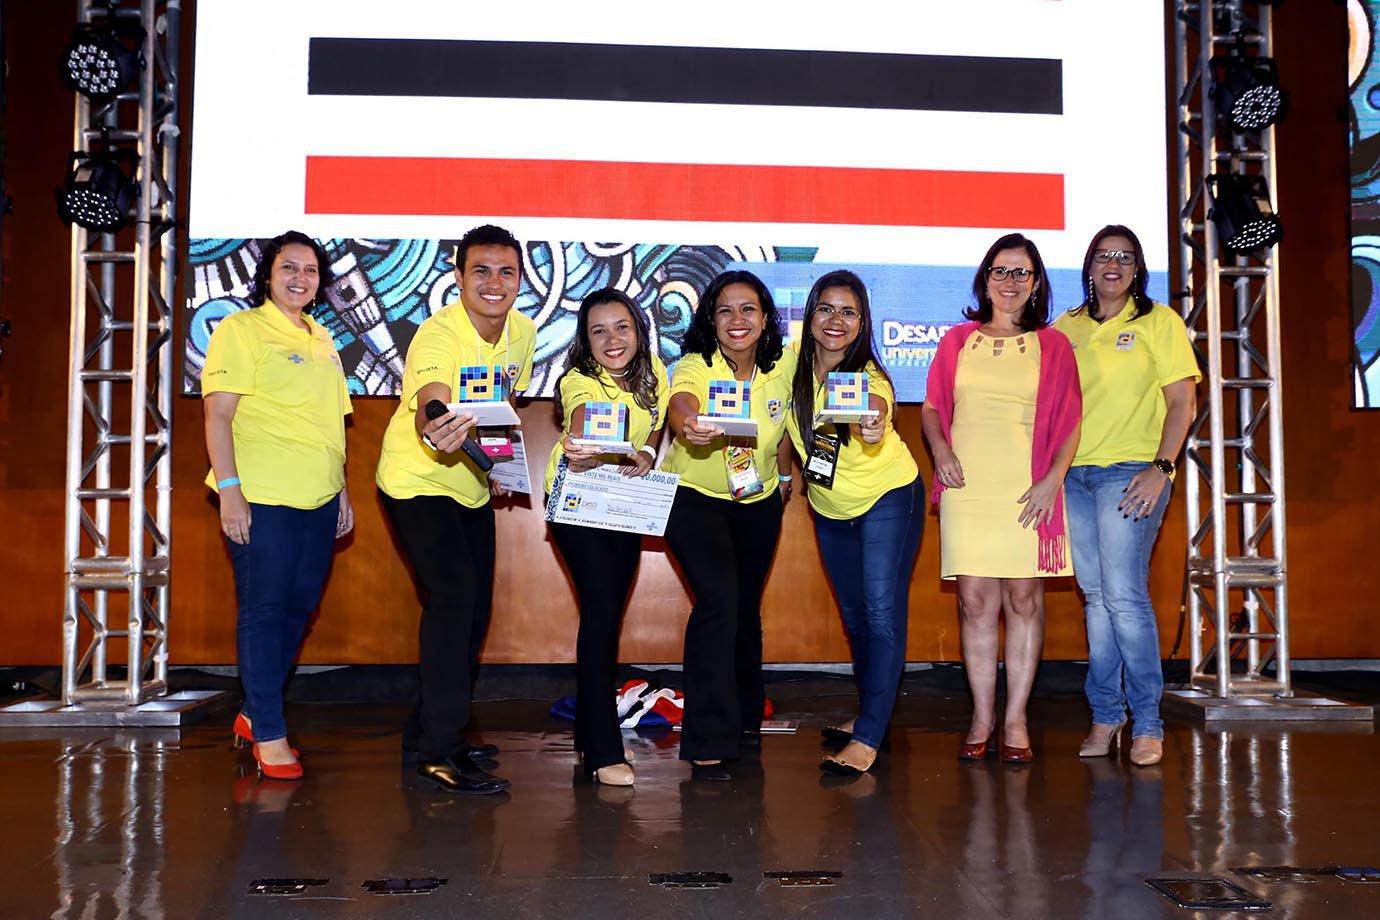 Estudantes vencedores do Desafio Universitário 2017, do Maranhão